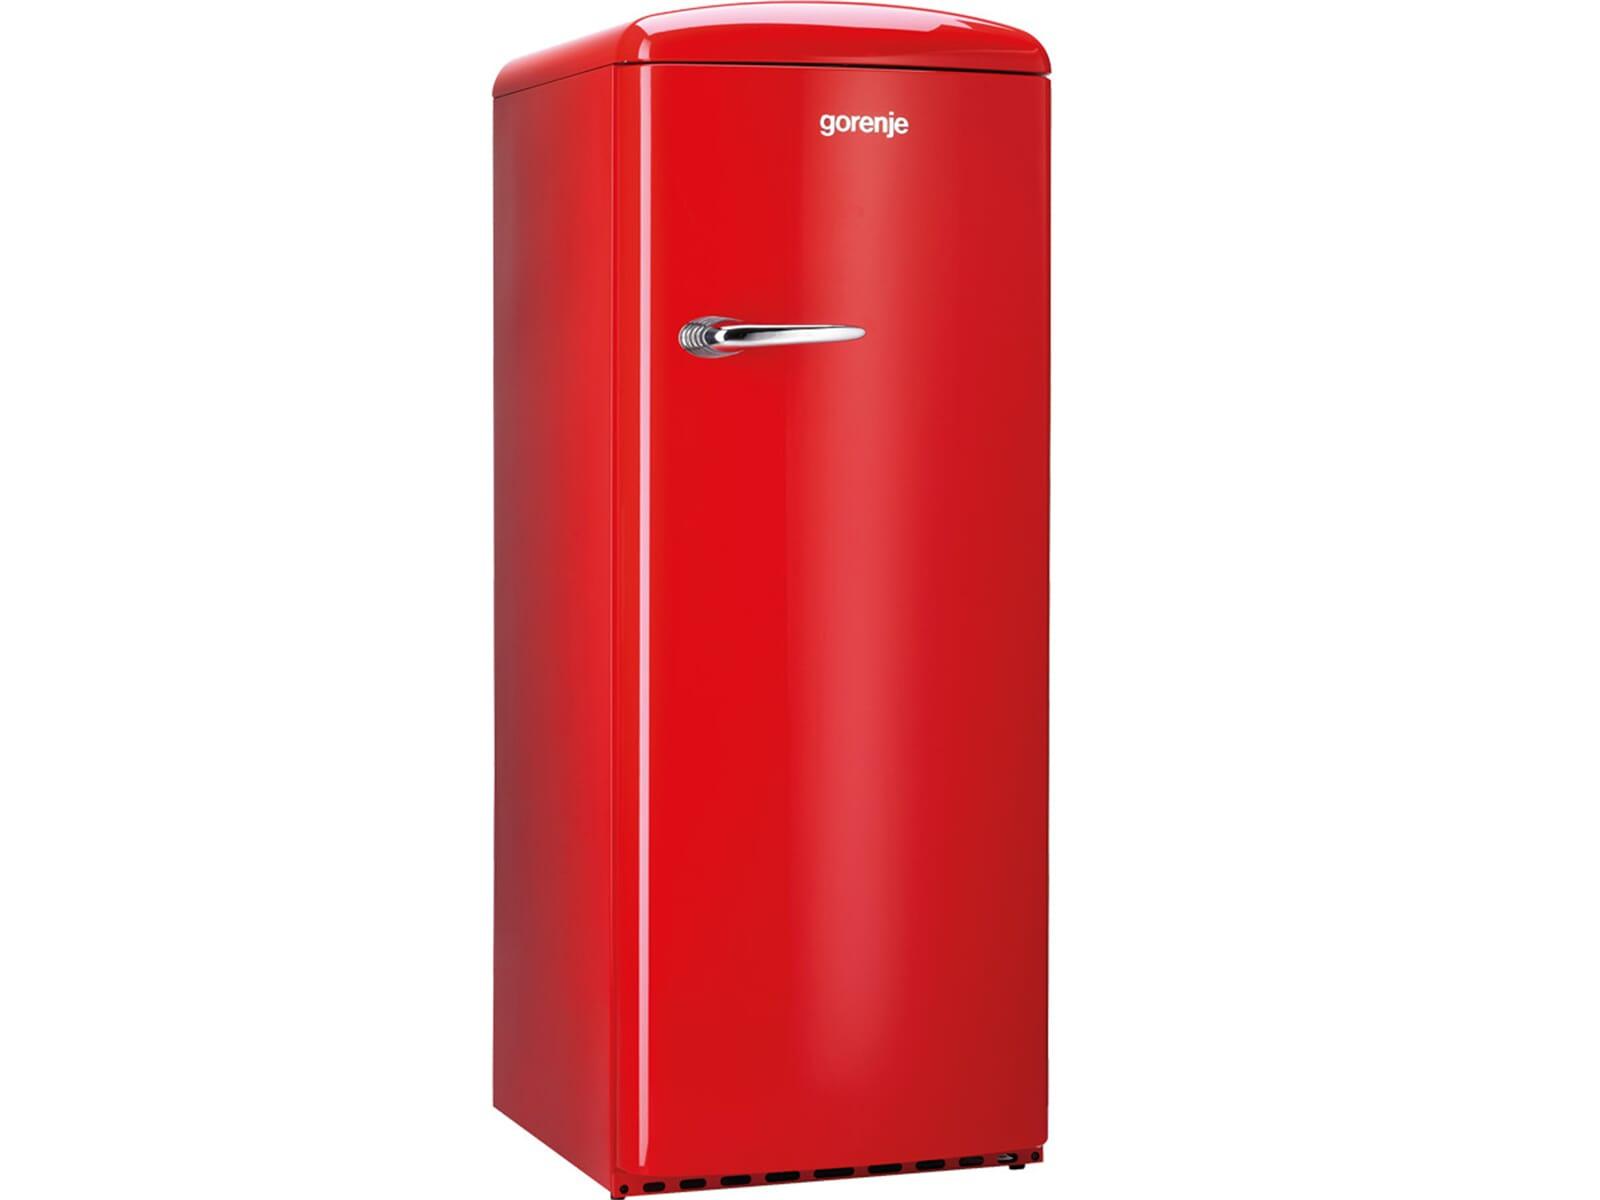 Retro Kühlschrank Ebd : Gorenje kühlschrank rot retro lydia clark blog